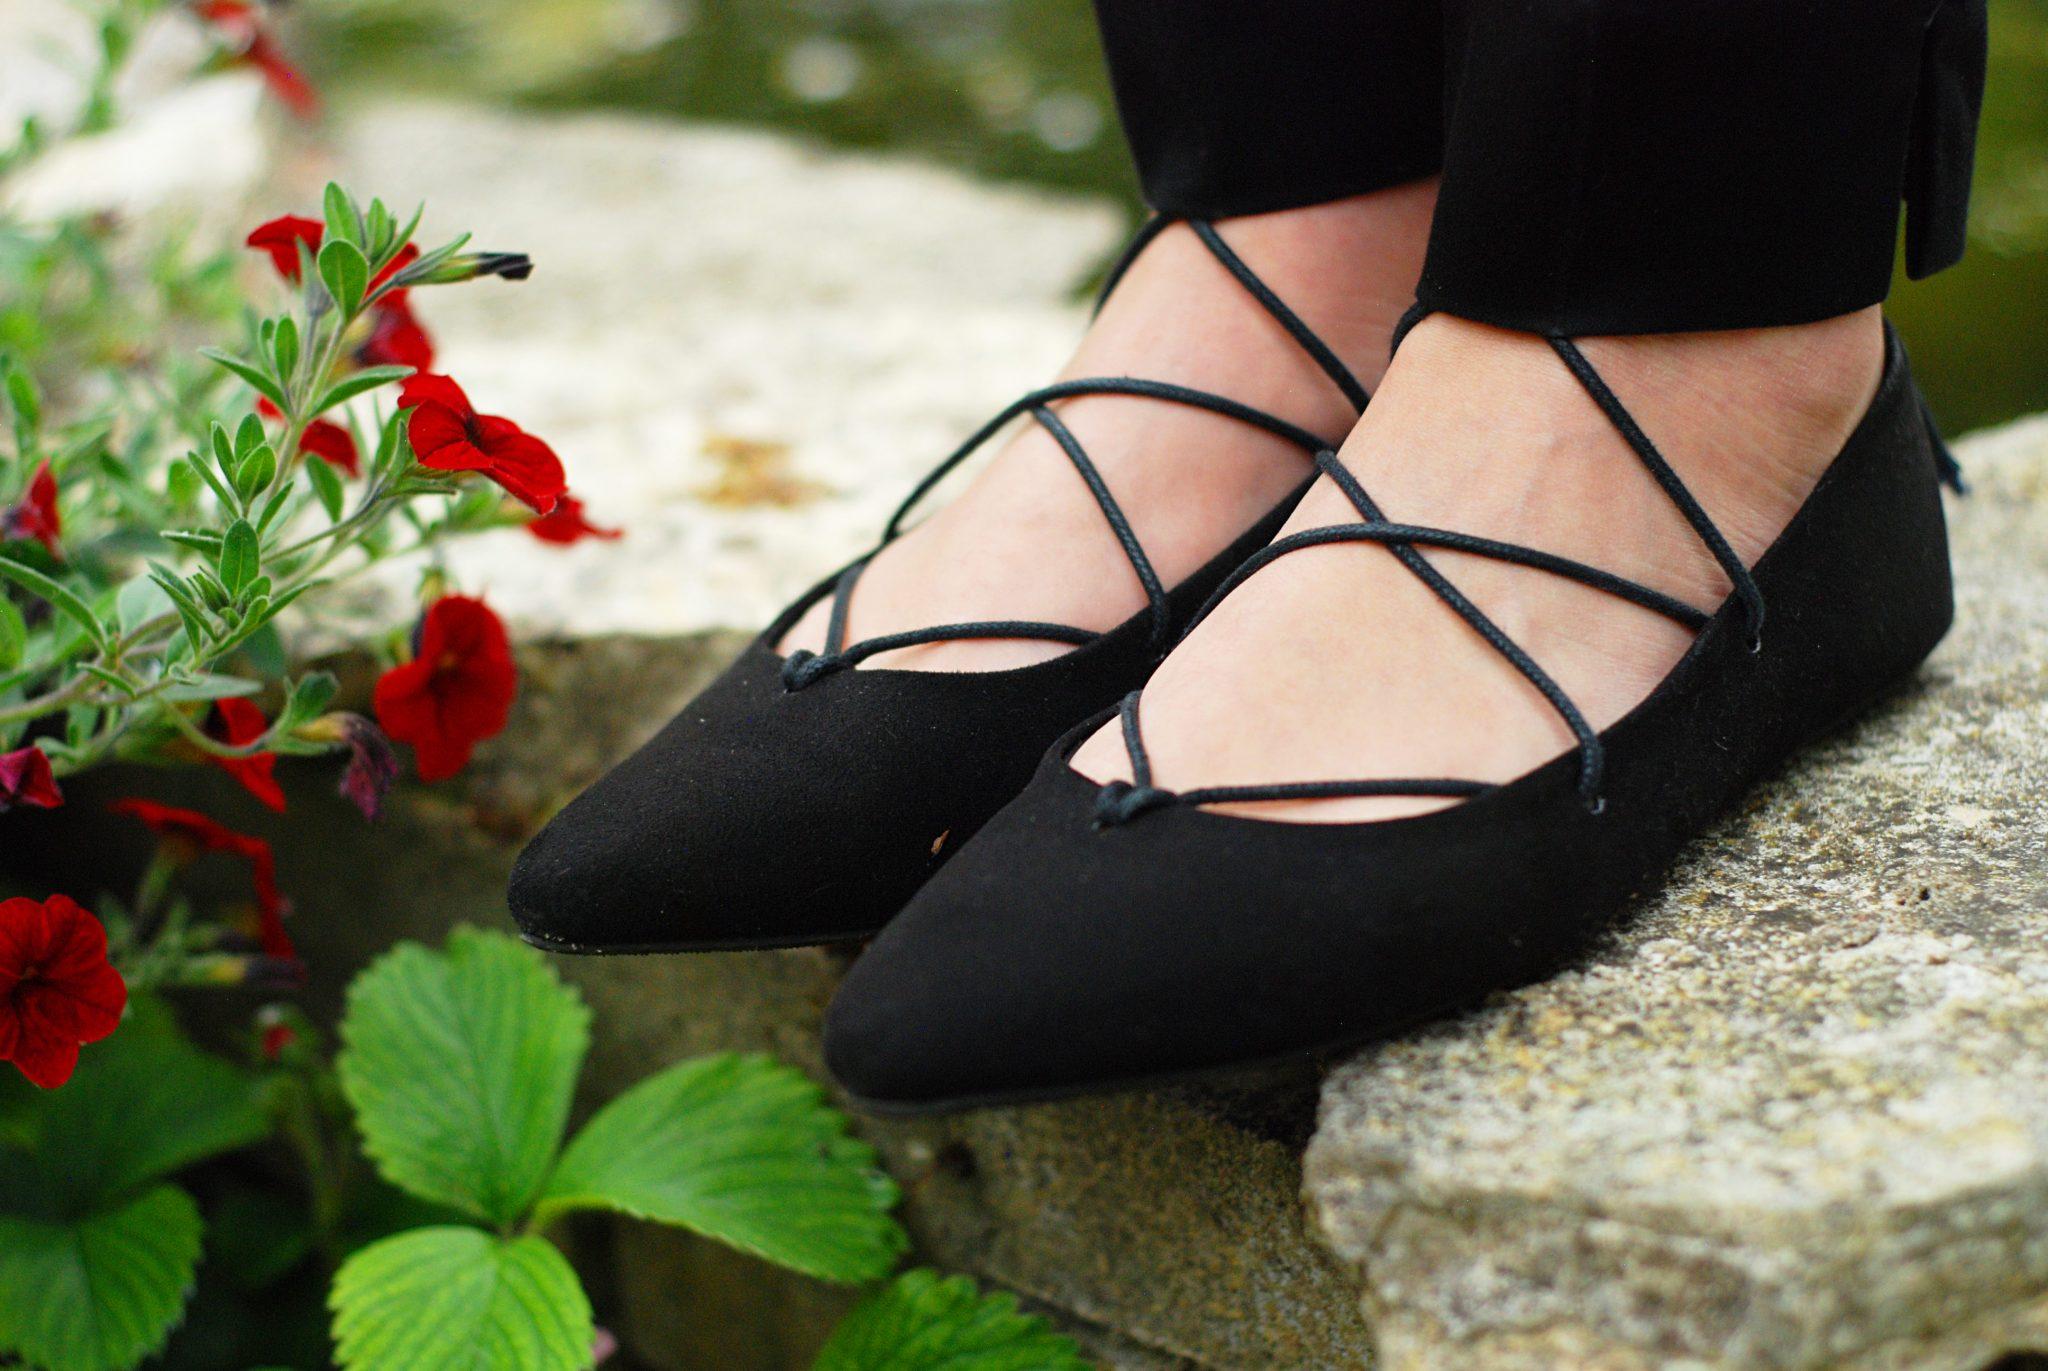 lace-up-shoes